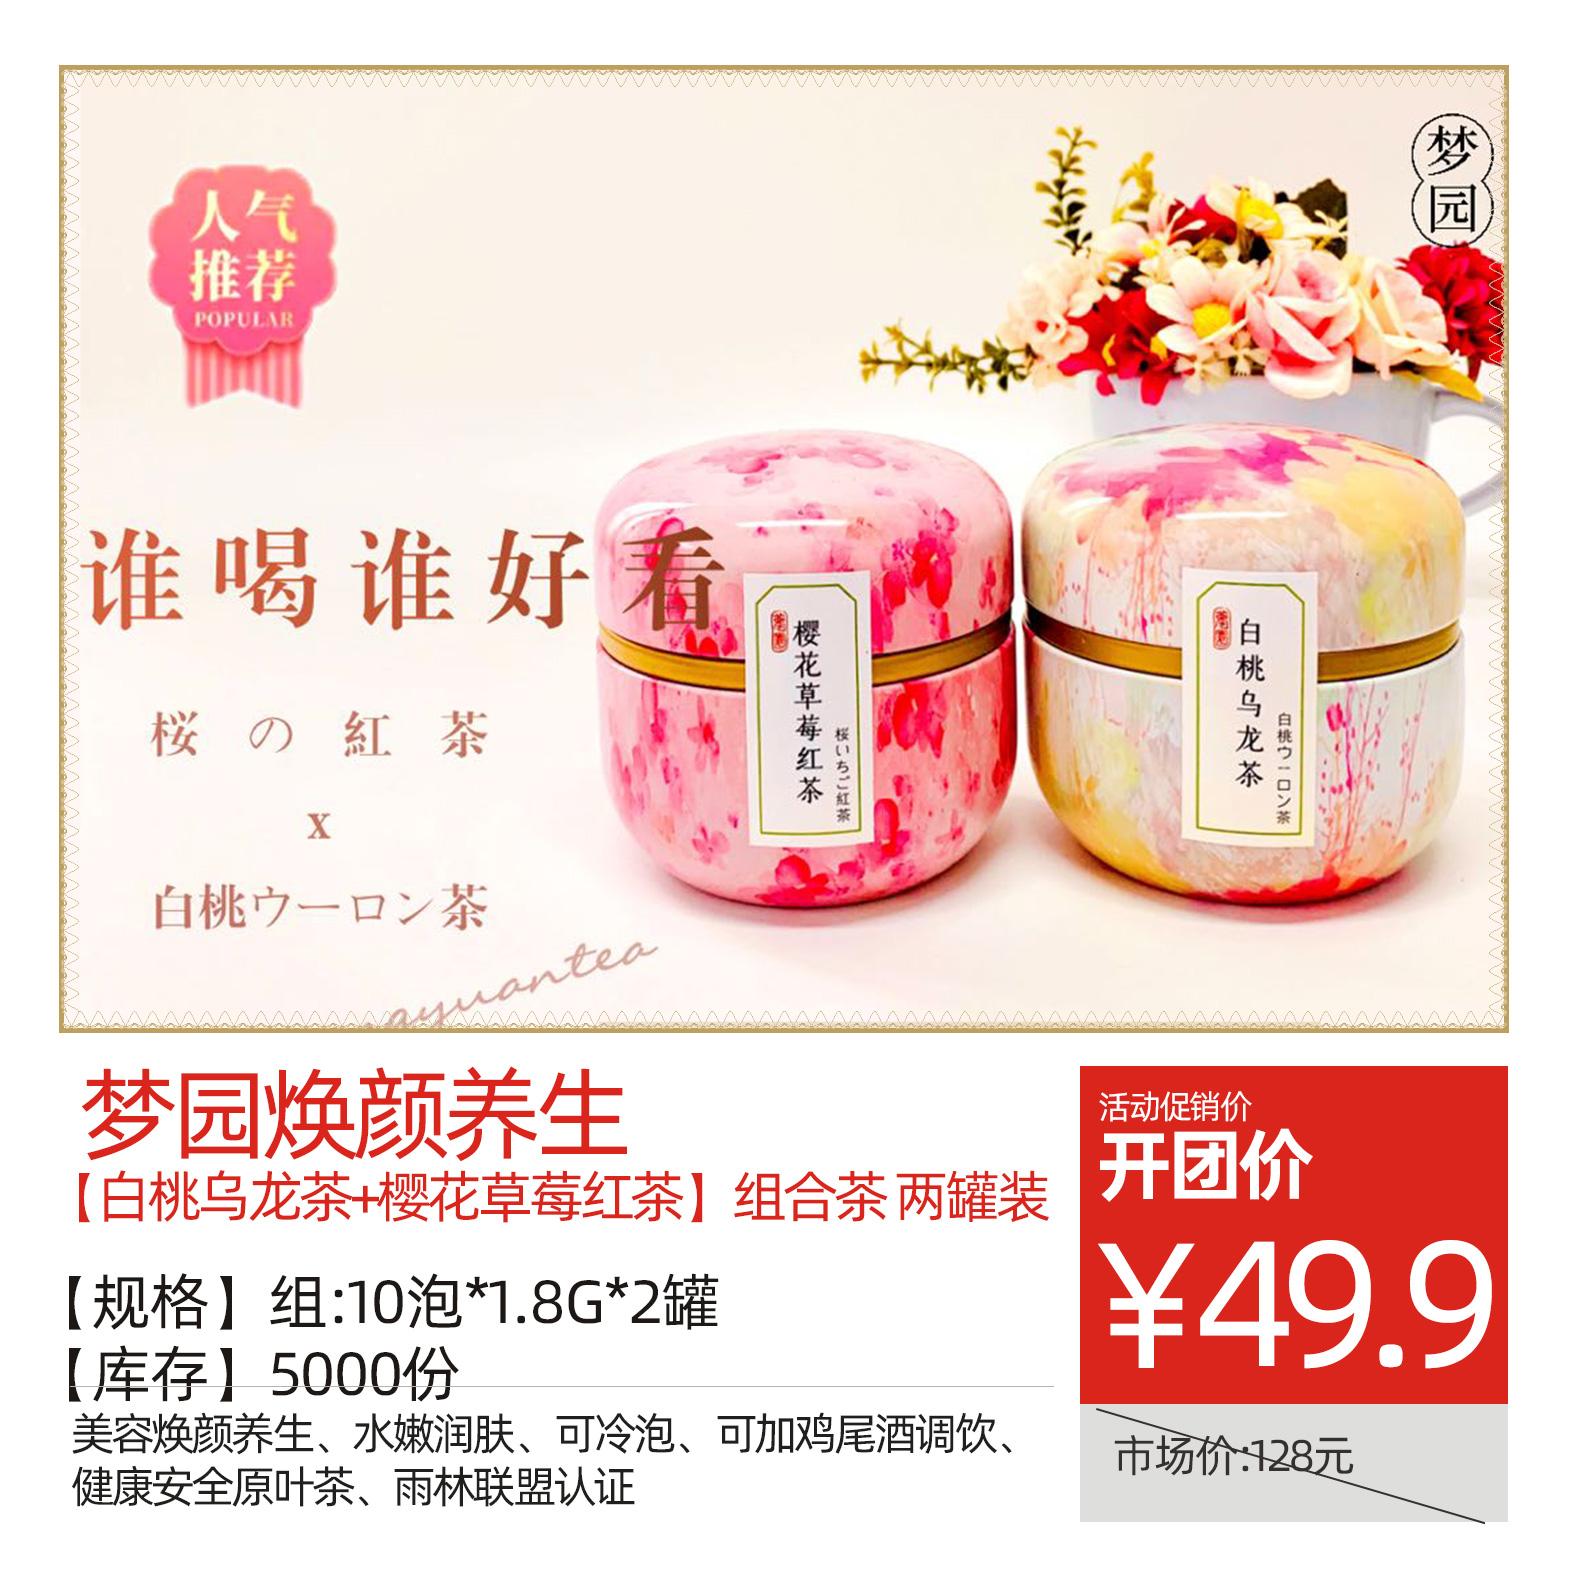 梦园焕颜养生【白桃乌龙茶+樱花草莓红茶】组合茶 两罐装